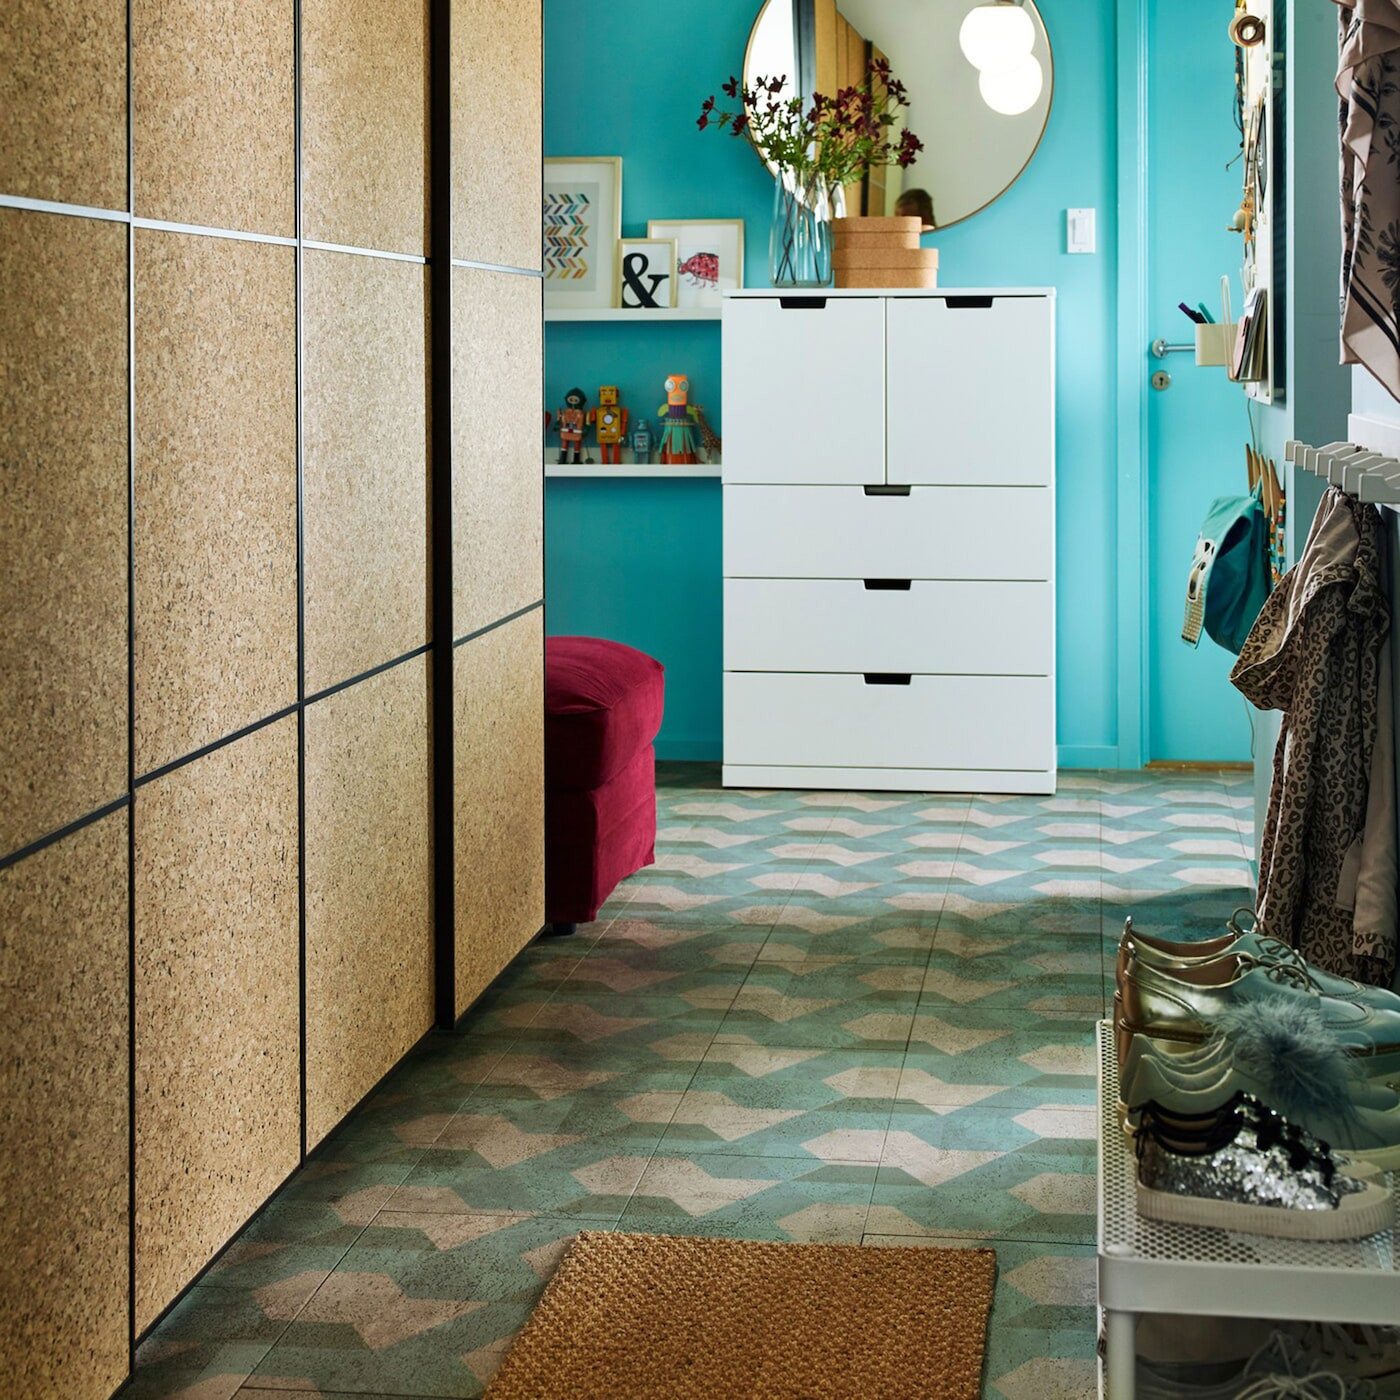 Dieser kleine Flur verfügt über einen IKEA PAX-Kleiderschrank mit KIRKENES-Korkschiebetüren zur Aufbewahrung von Kleidung. Es ermöglicht der Familie, die Kreationen ihrer Kinder vorzuführen.